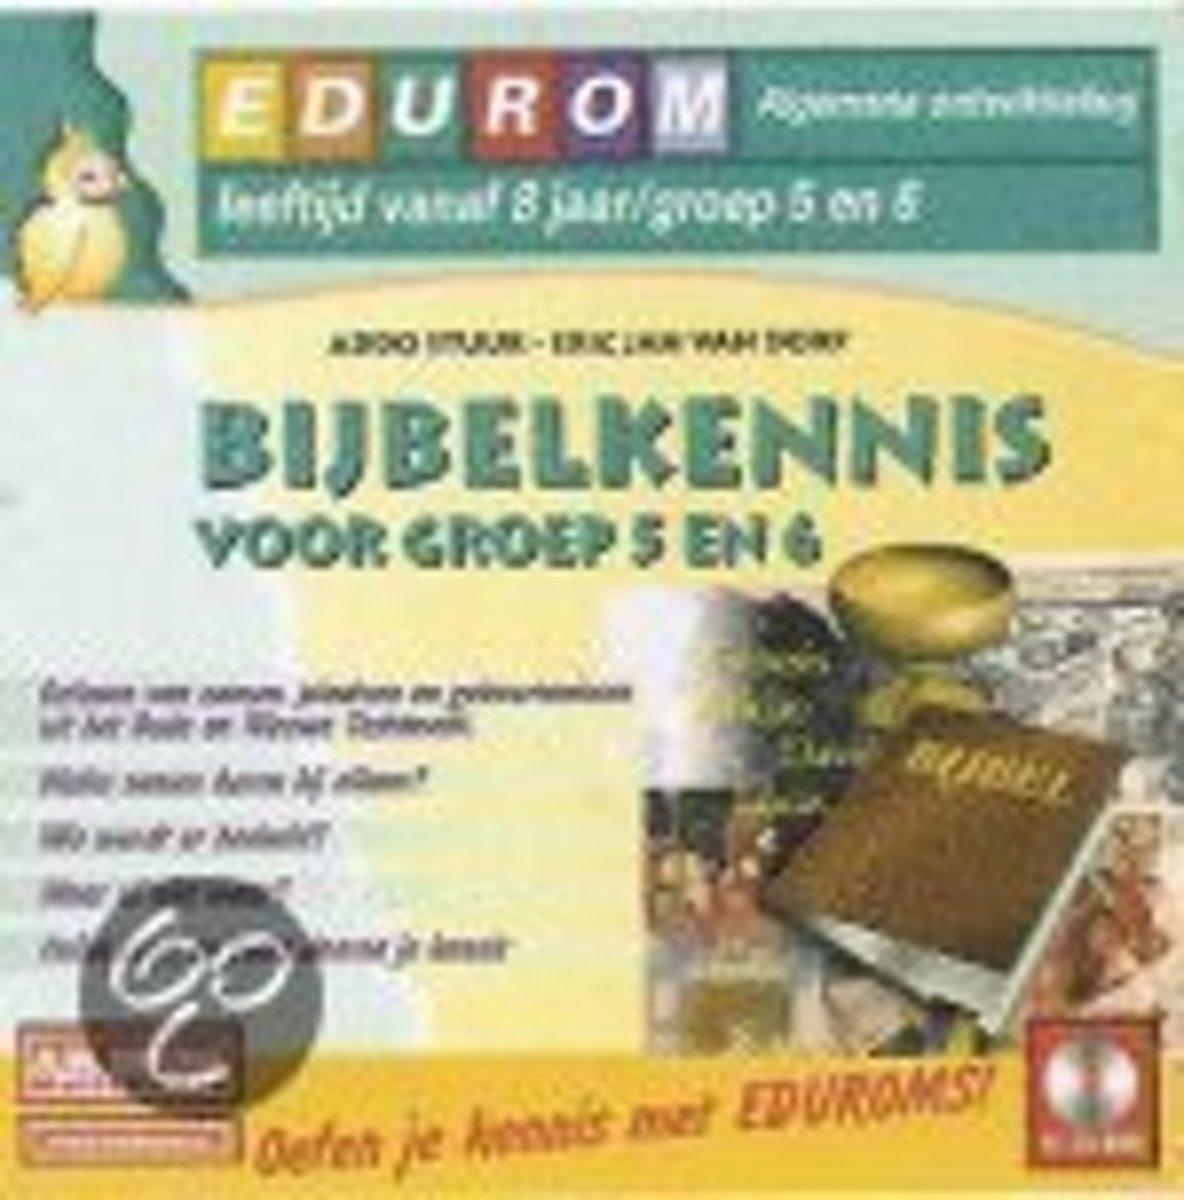 CD-ROM BIJBELKENNIS GROEP 5 EN 6 kopen